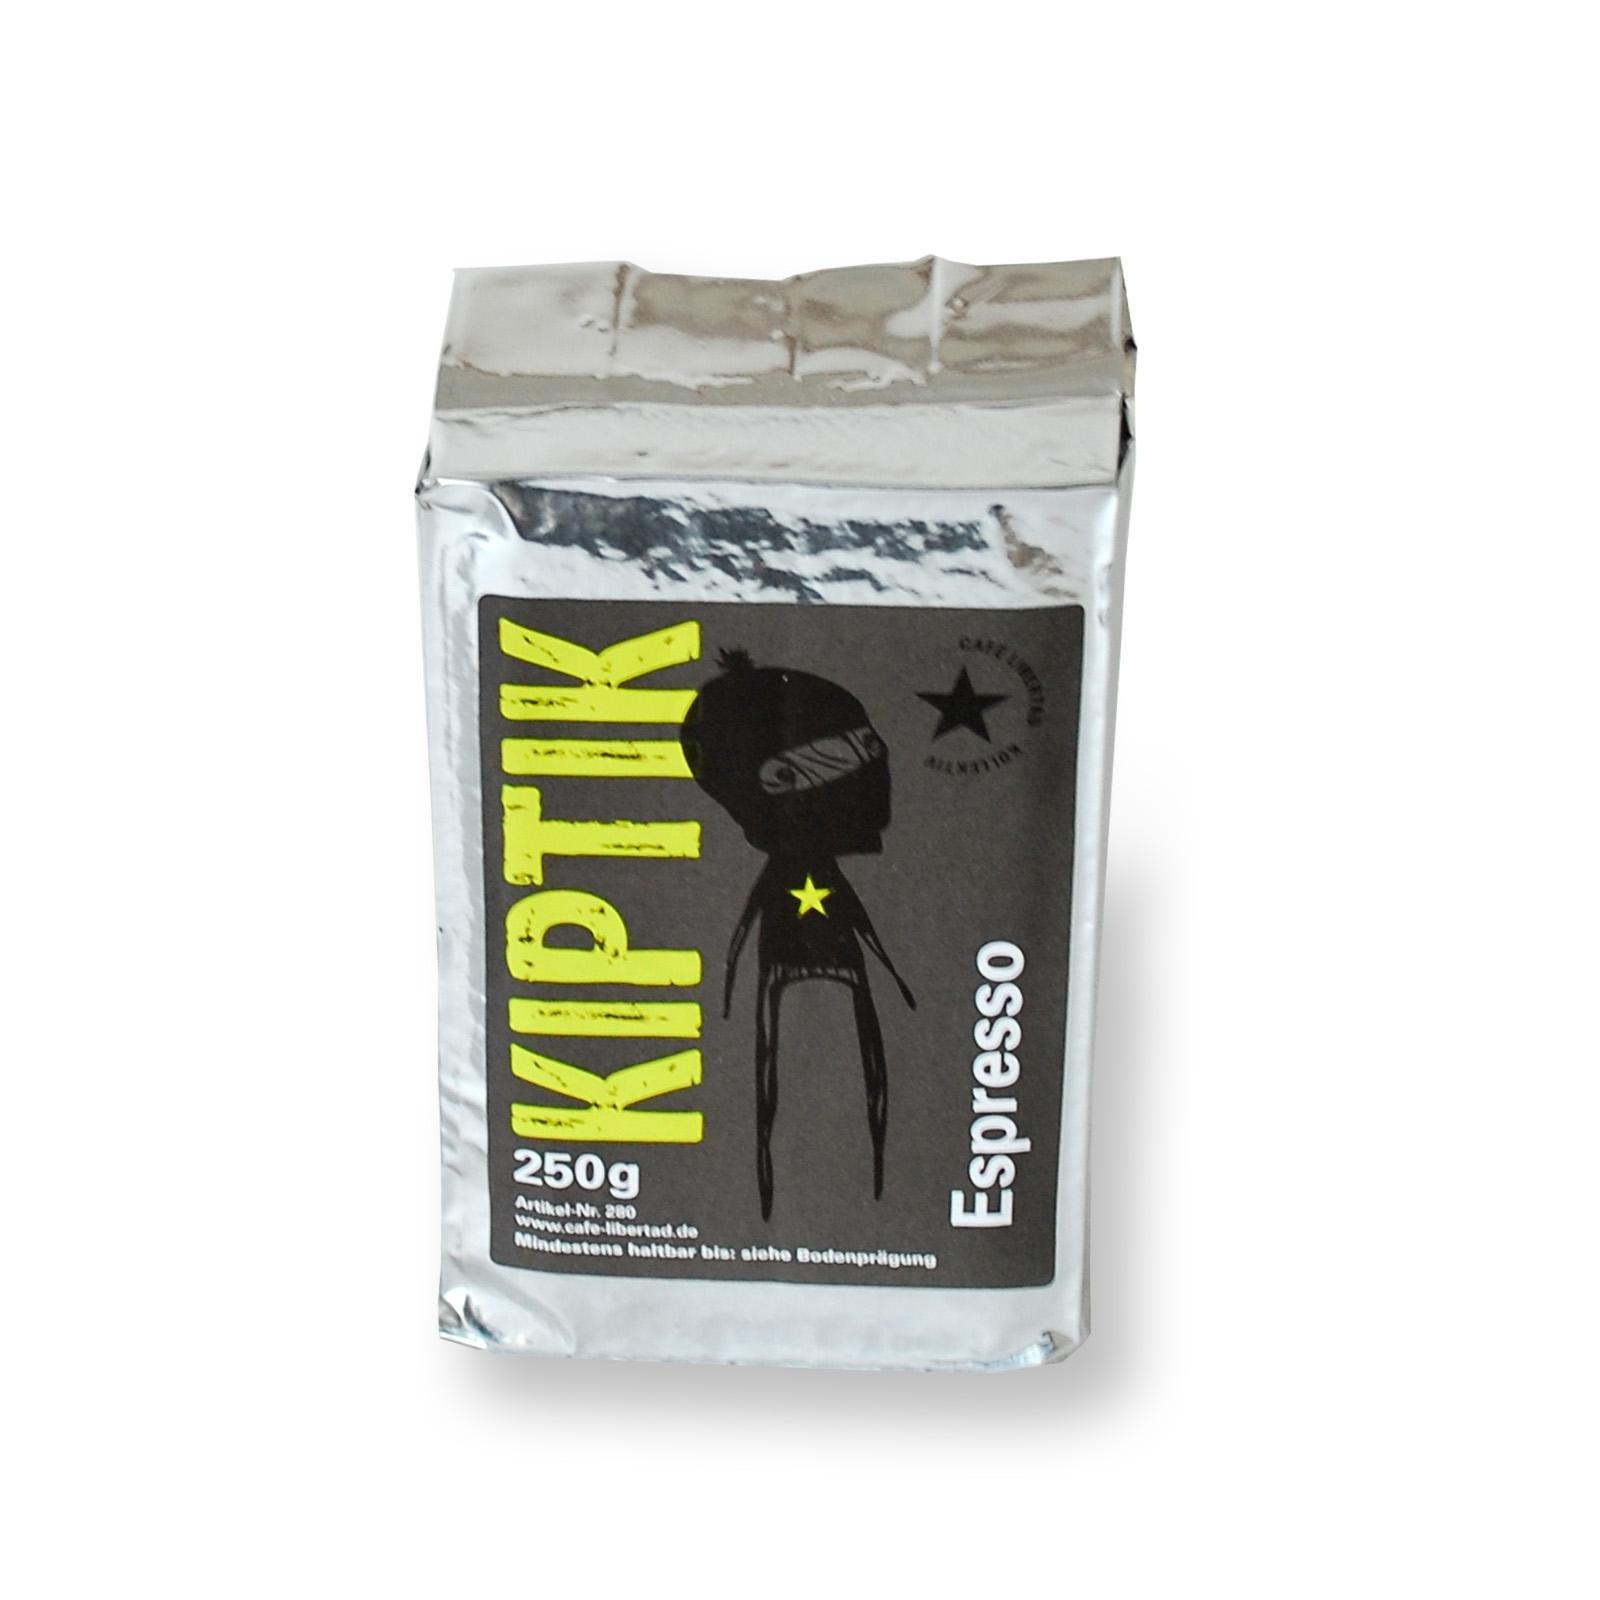 Solidaritäts-Espresso Kiptik 250g ground